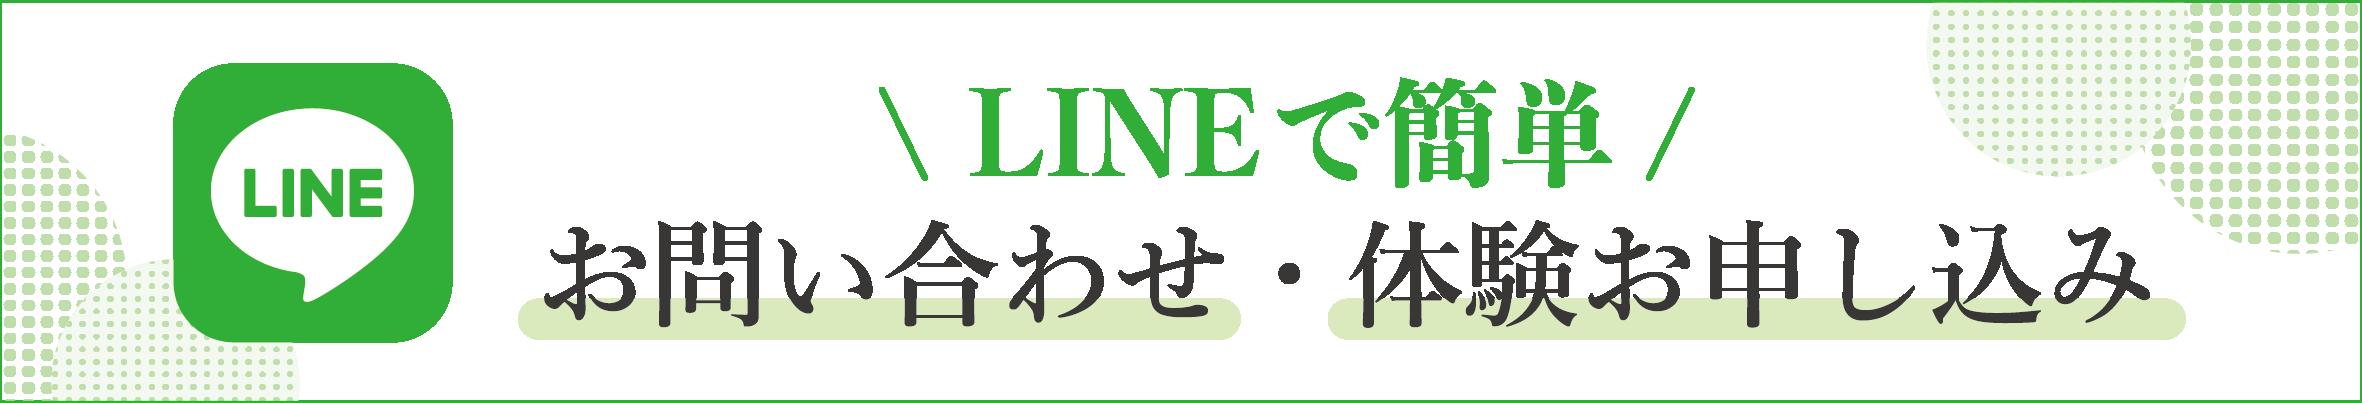 LINEで簡単 お問い合わせ・体験お申し込み